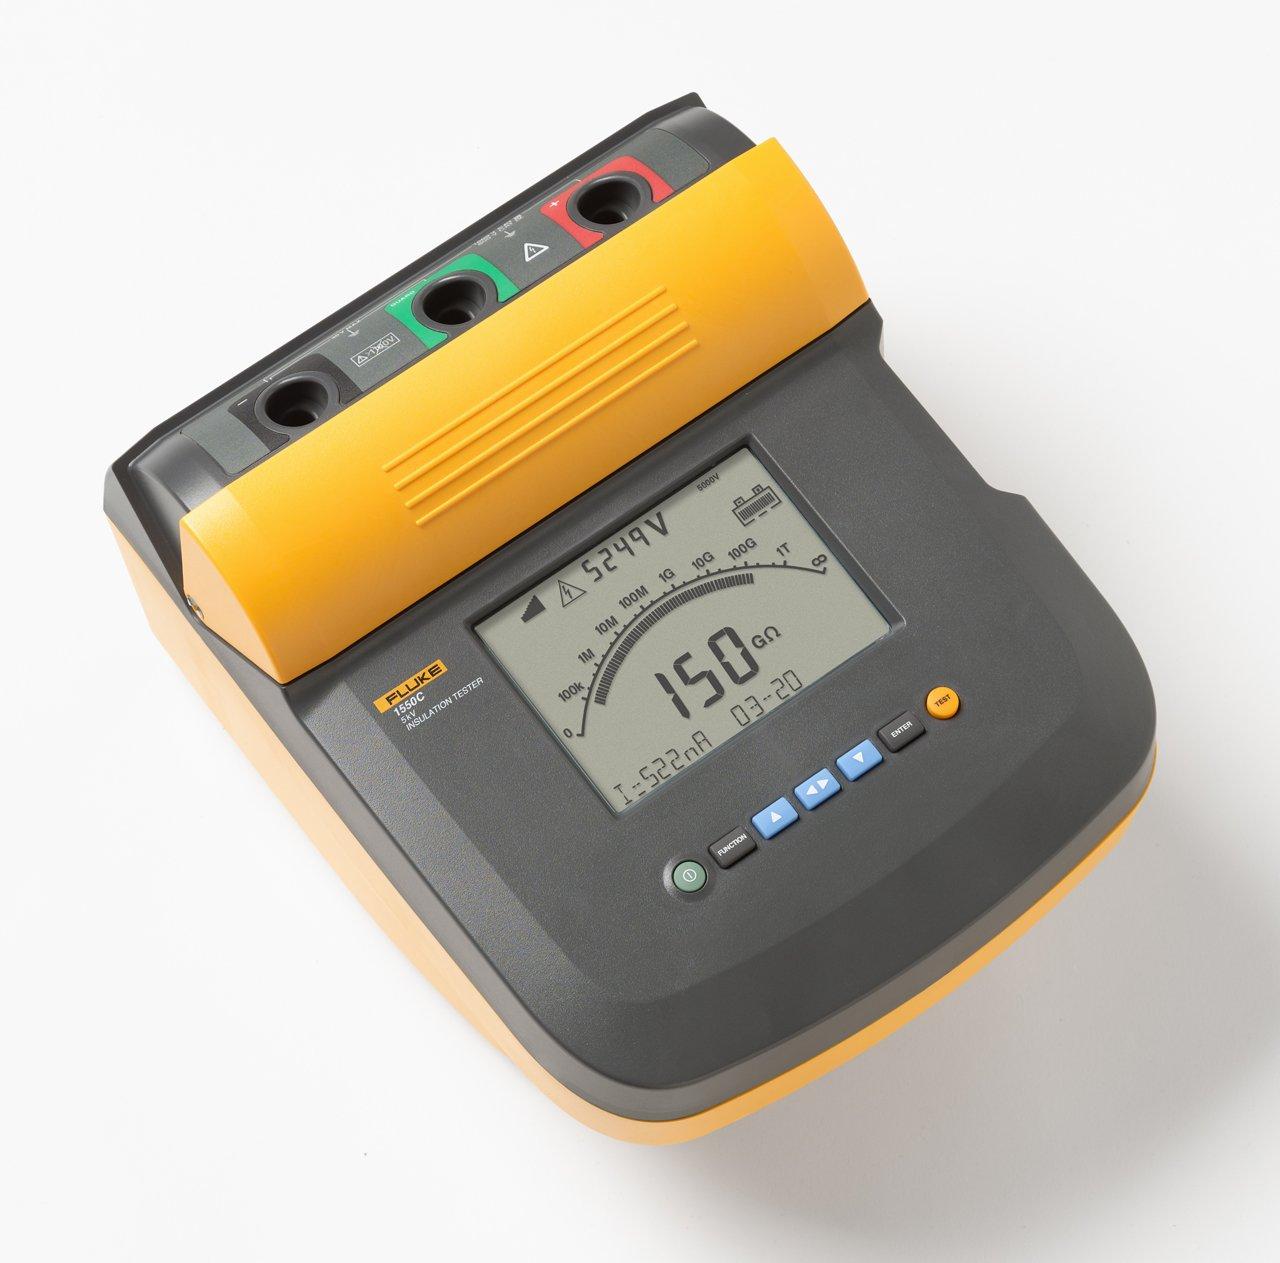 Fluke 1550C 5kV Insulation Tester Kit